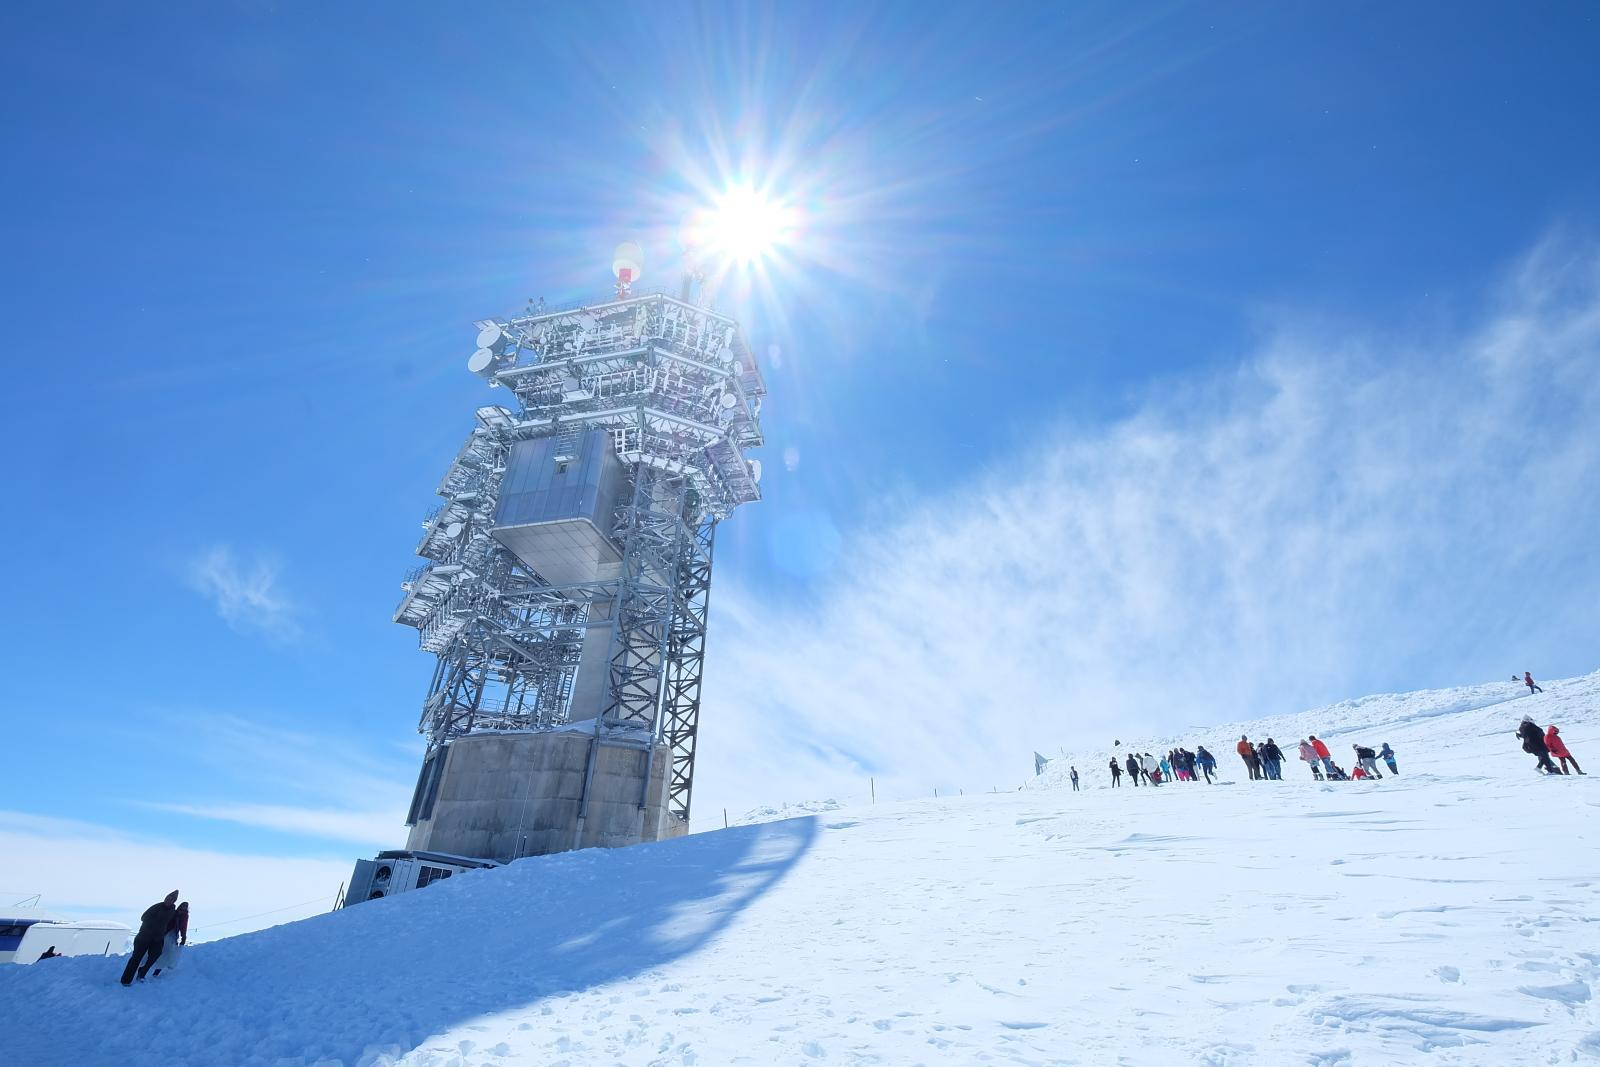 """ชมวิวพาโนราม่าเทือกเขา """"ทิตลิส (Titlis)"""" ดินแดนในฝันสวิตเซอร์แลนด์"""